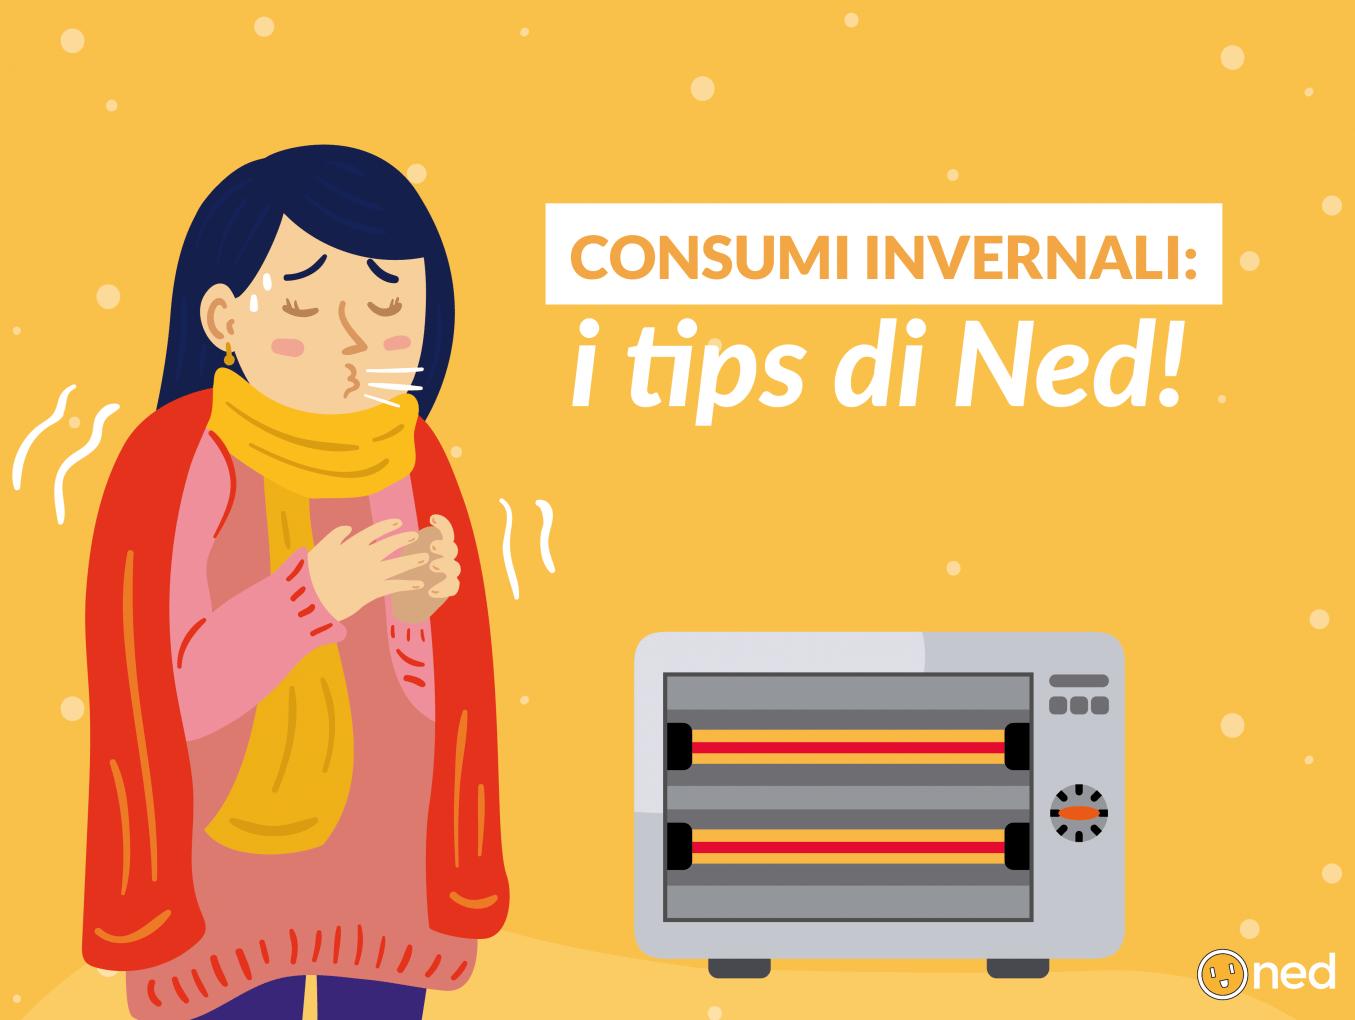 Pompe di calore, stufette e boiler elettrici: ecco chi consuma di più in inverno per NED!